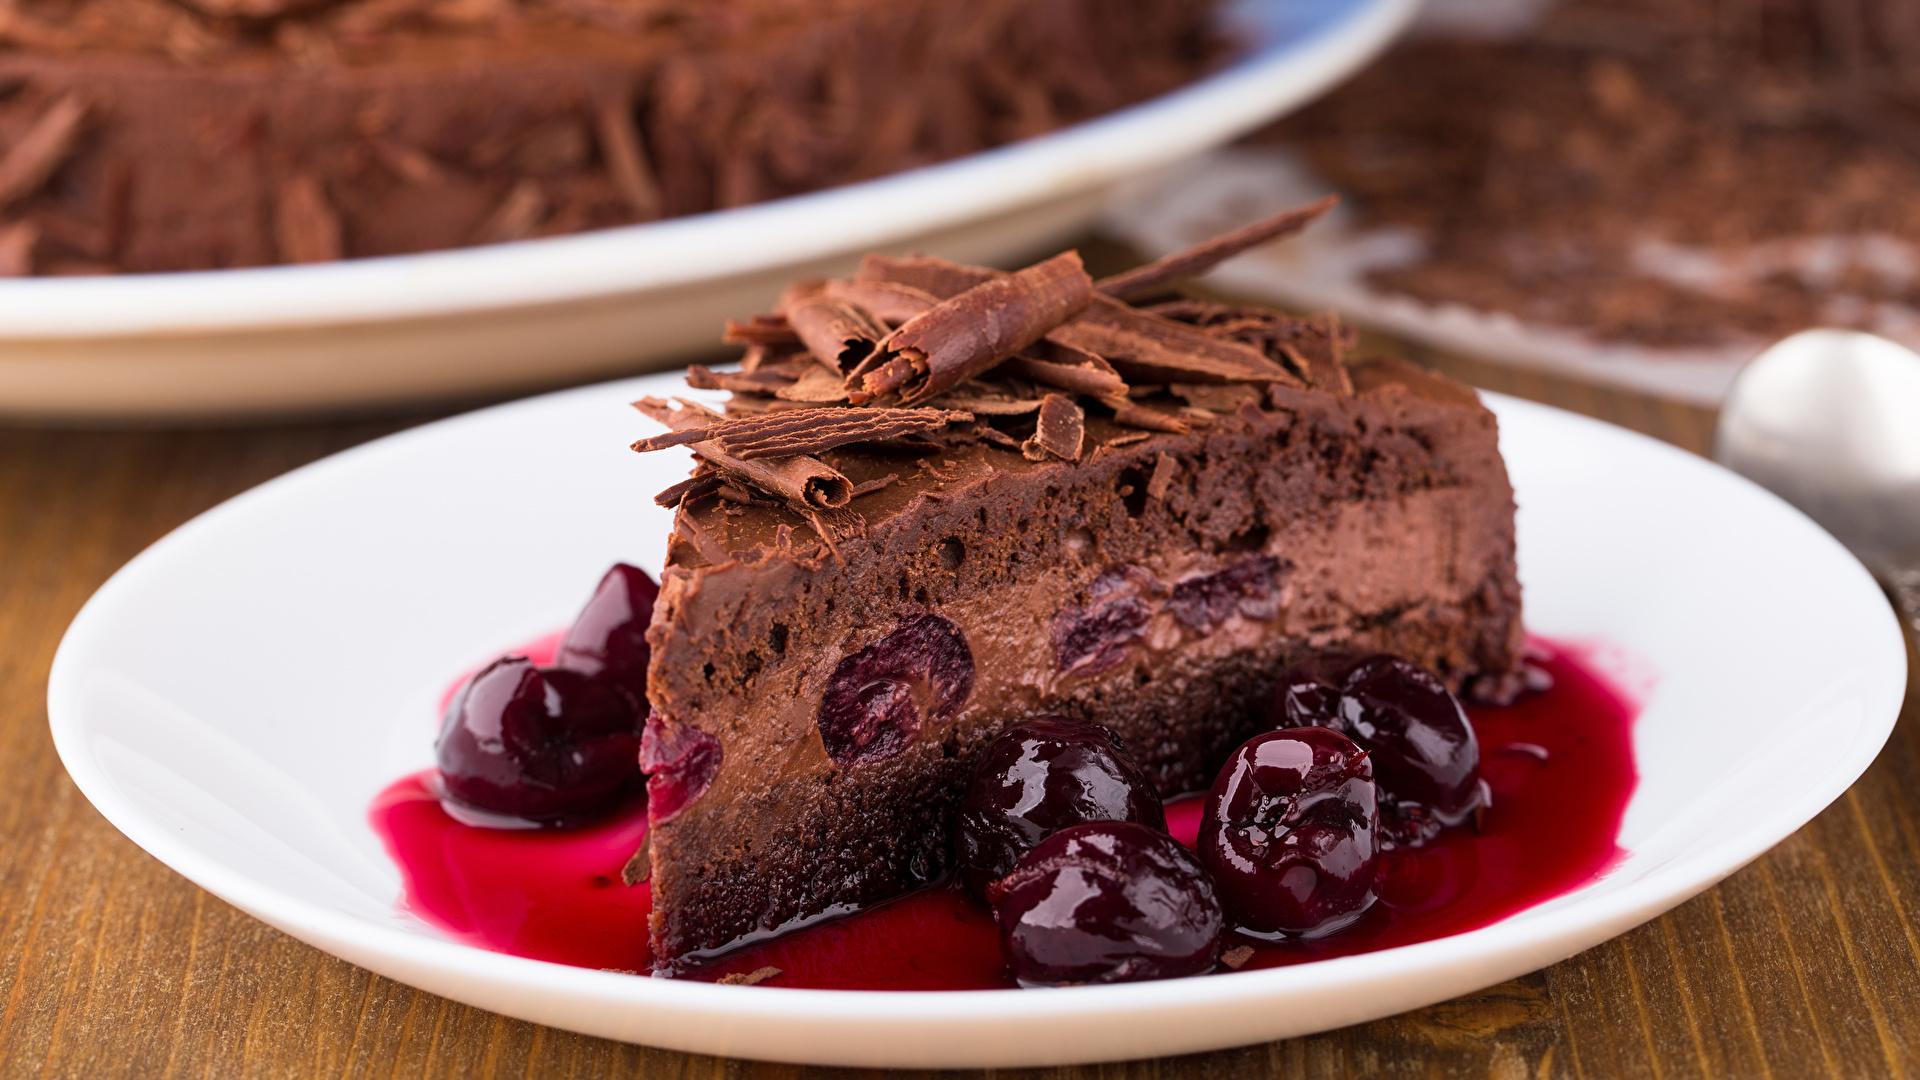 Картинки Шоколад Торты Кусок Вишня Пища 1920x1080 часть Черешня Еда Продукты питания